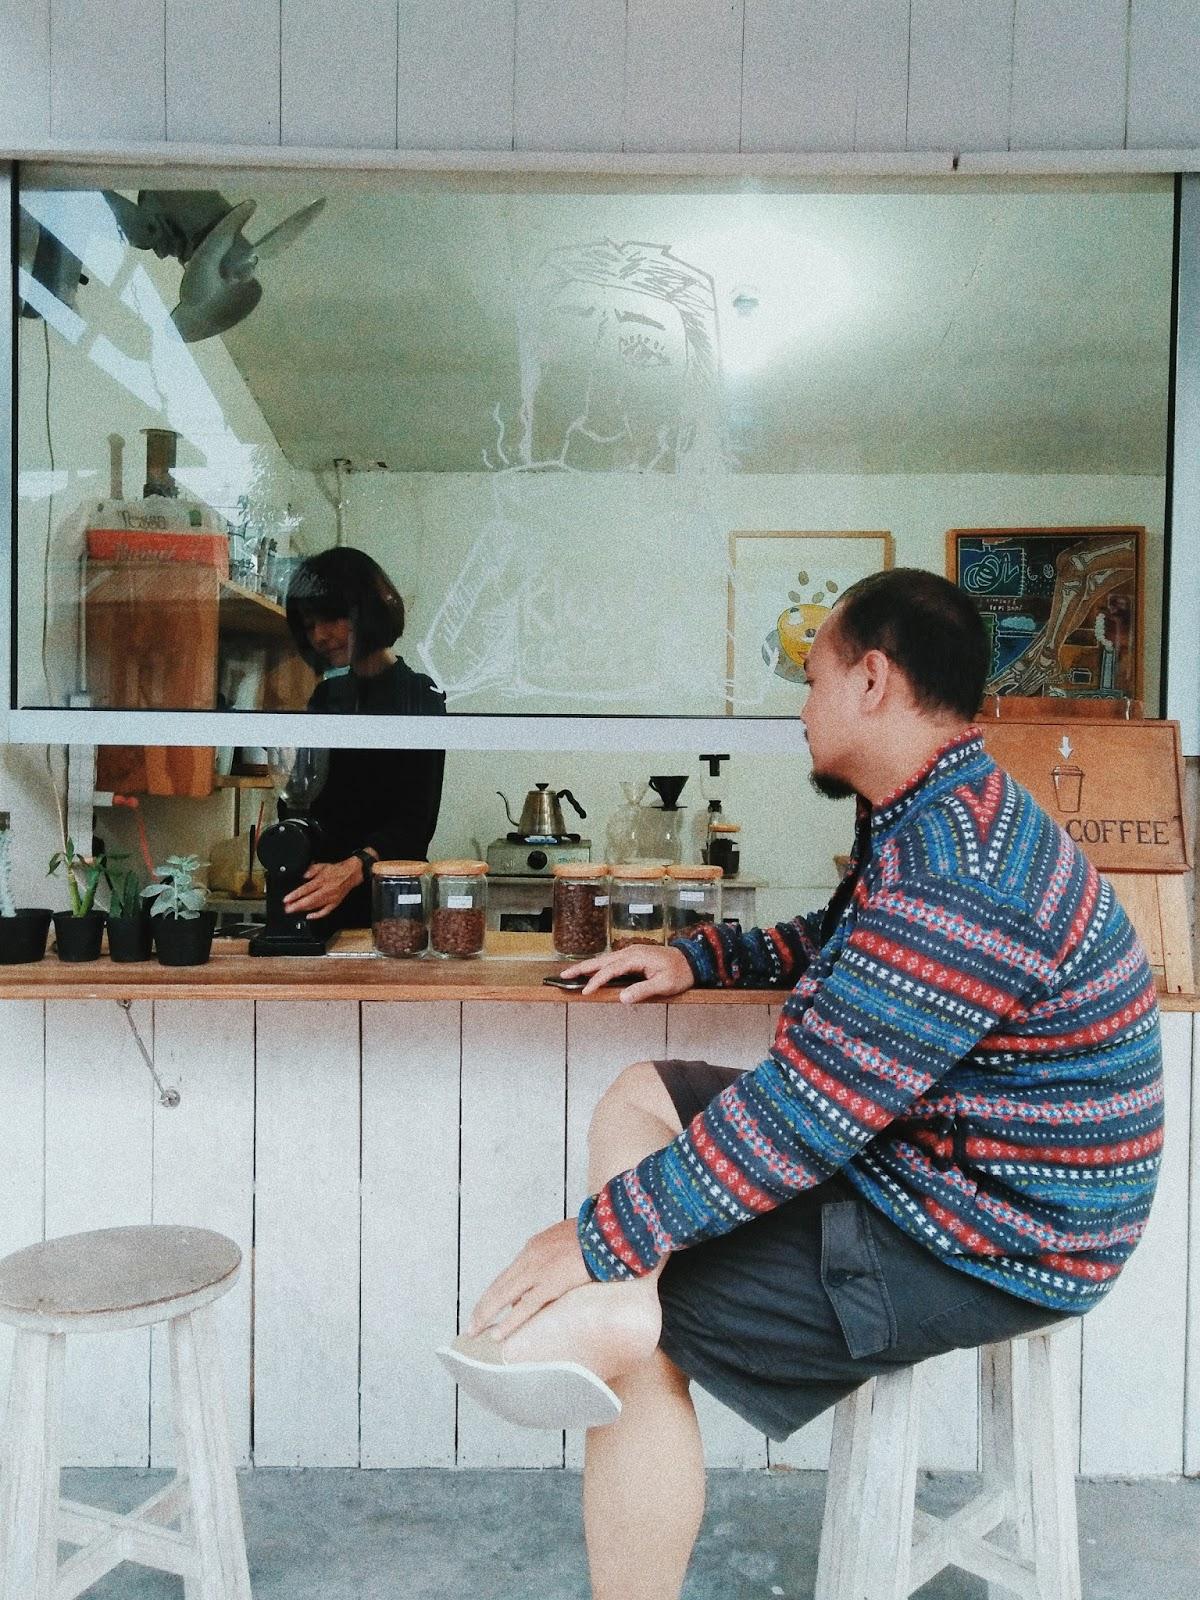 Menyusuri Prawirotaman Jogja : Hidup Ketika Pagi, Redup Kala Malam Menanti - Kiosk Coffe Prawirotaman